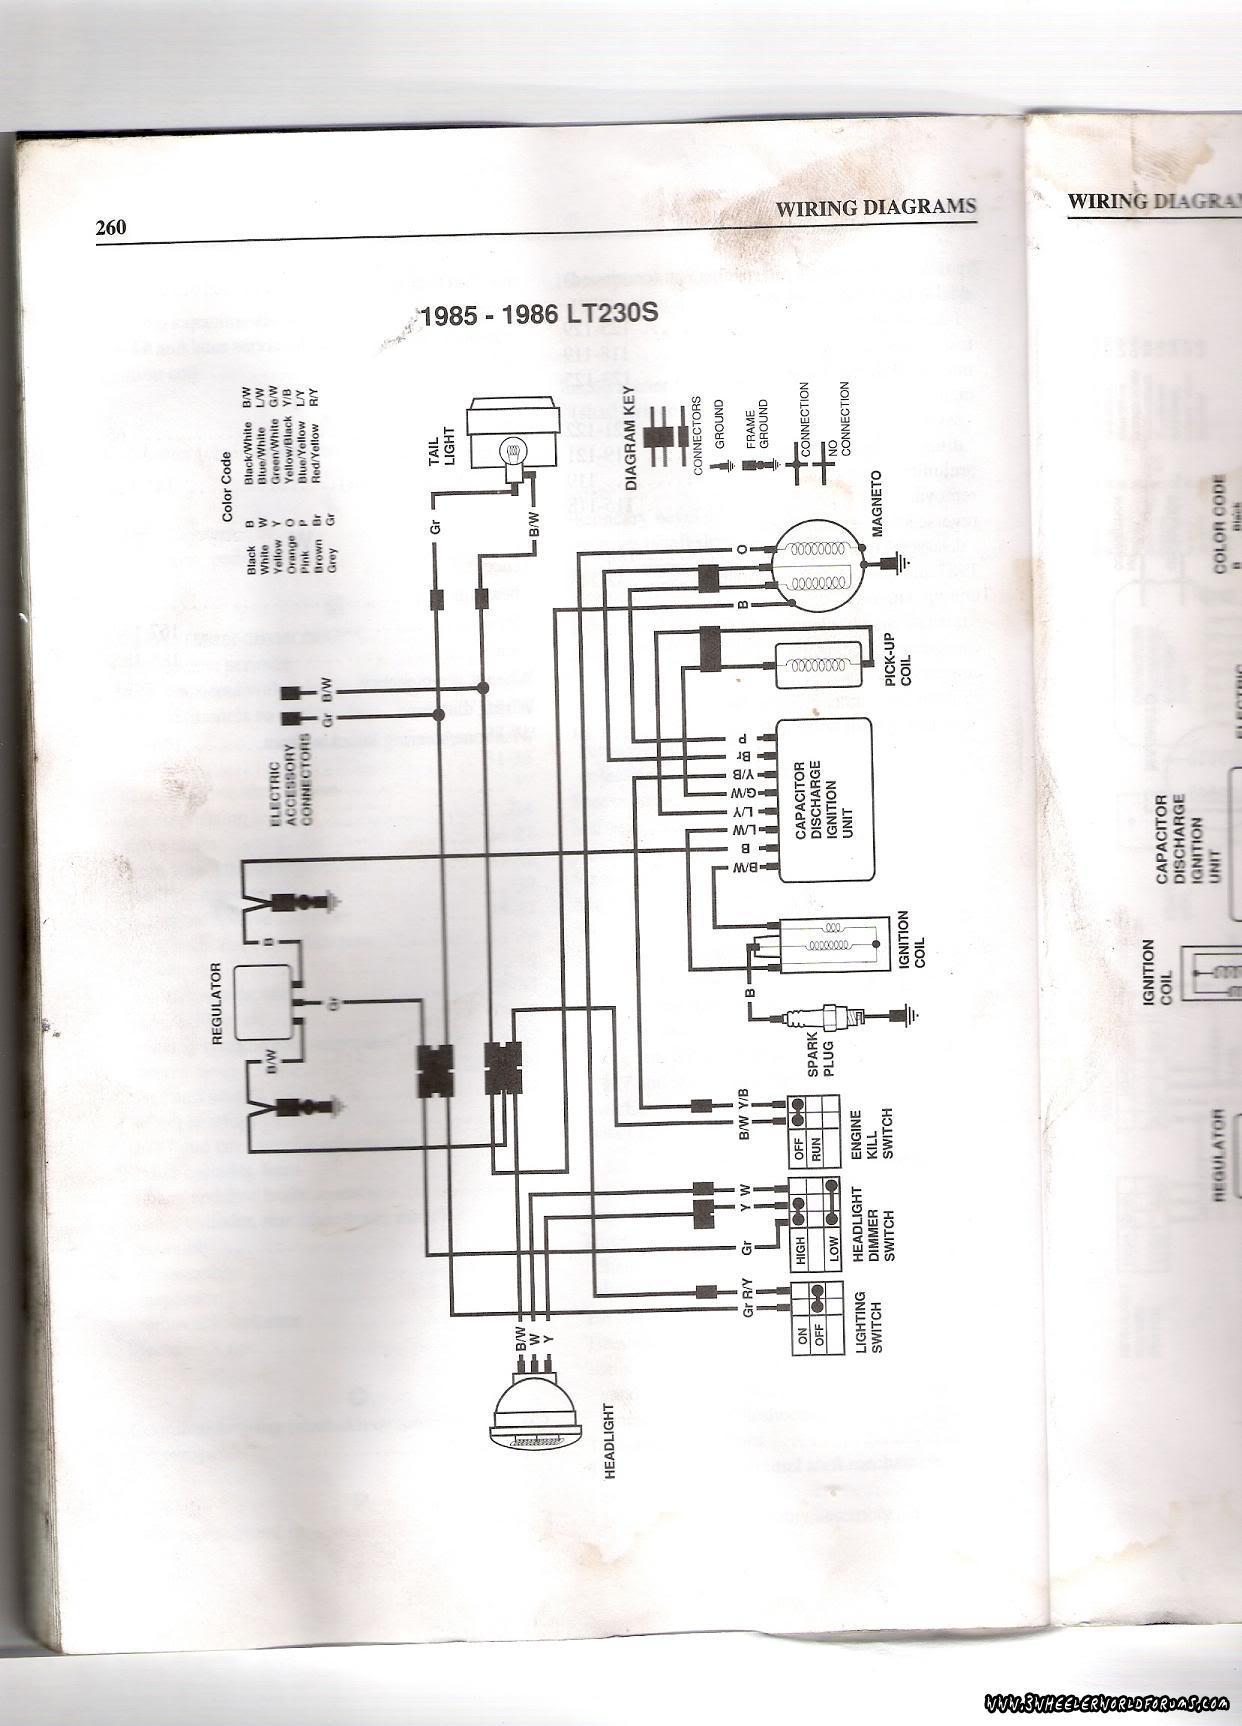 suzuki 4wd atv wiring diagram - wiring diagram data suzuki lt f300f wiring schematic suzuki quadrunner 250 fuel pump diagram tennisabtlg-tus-erfenbach.de